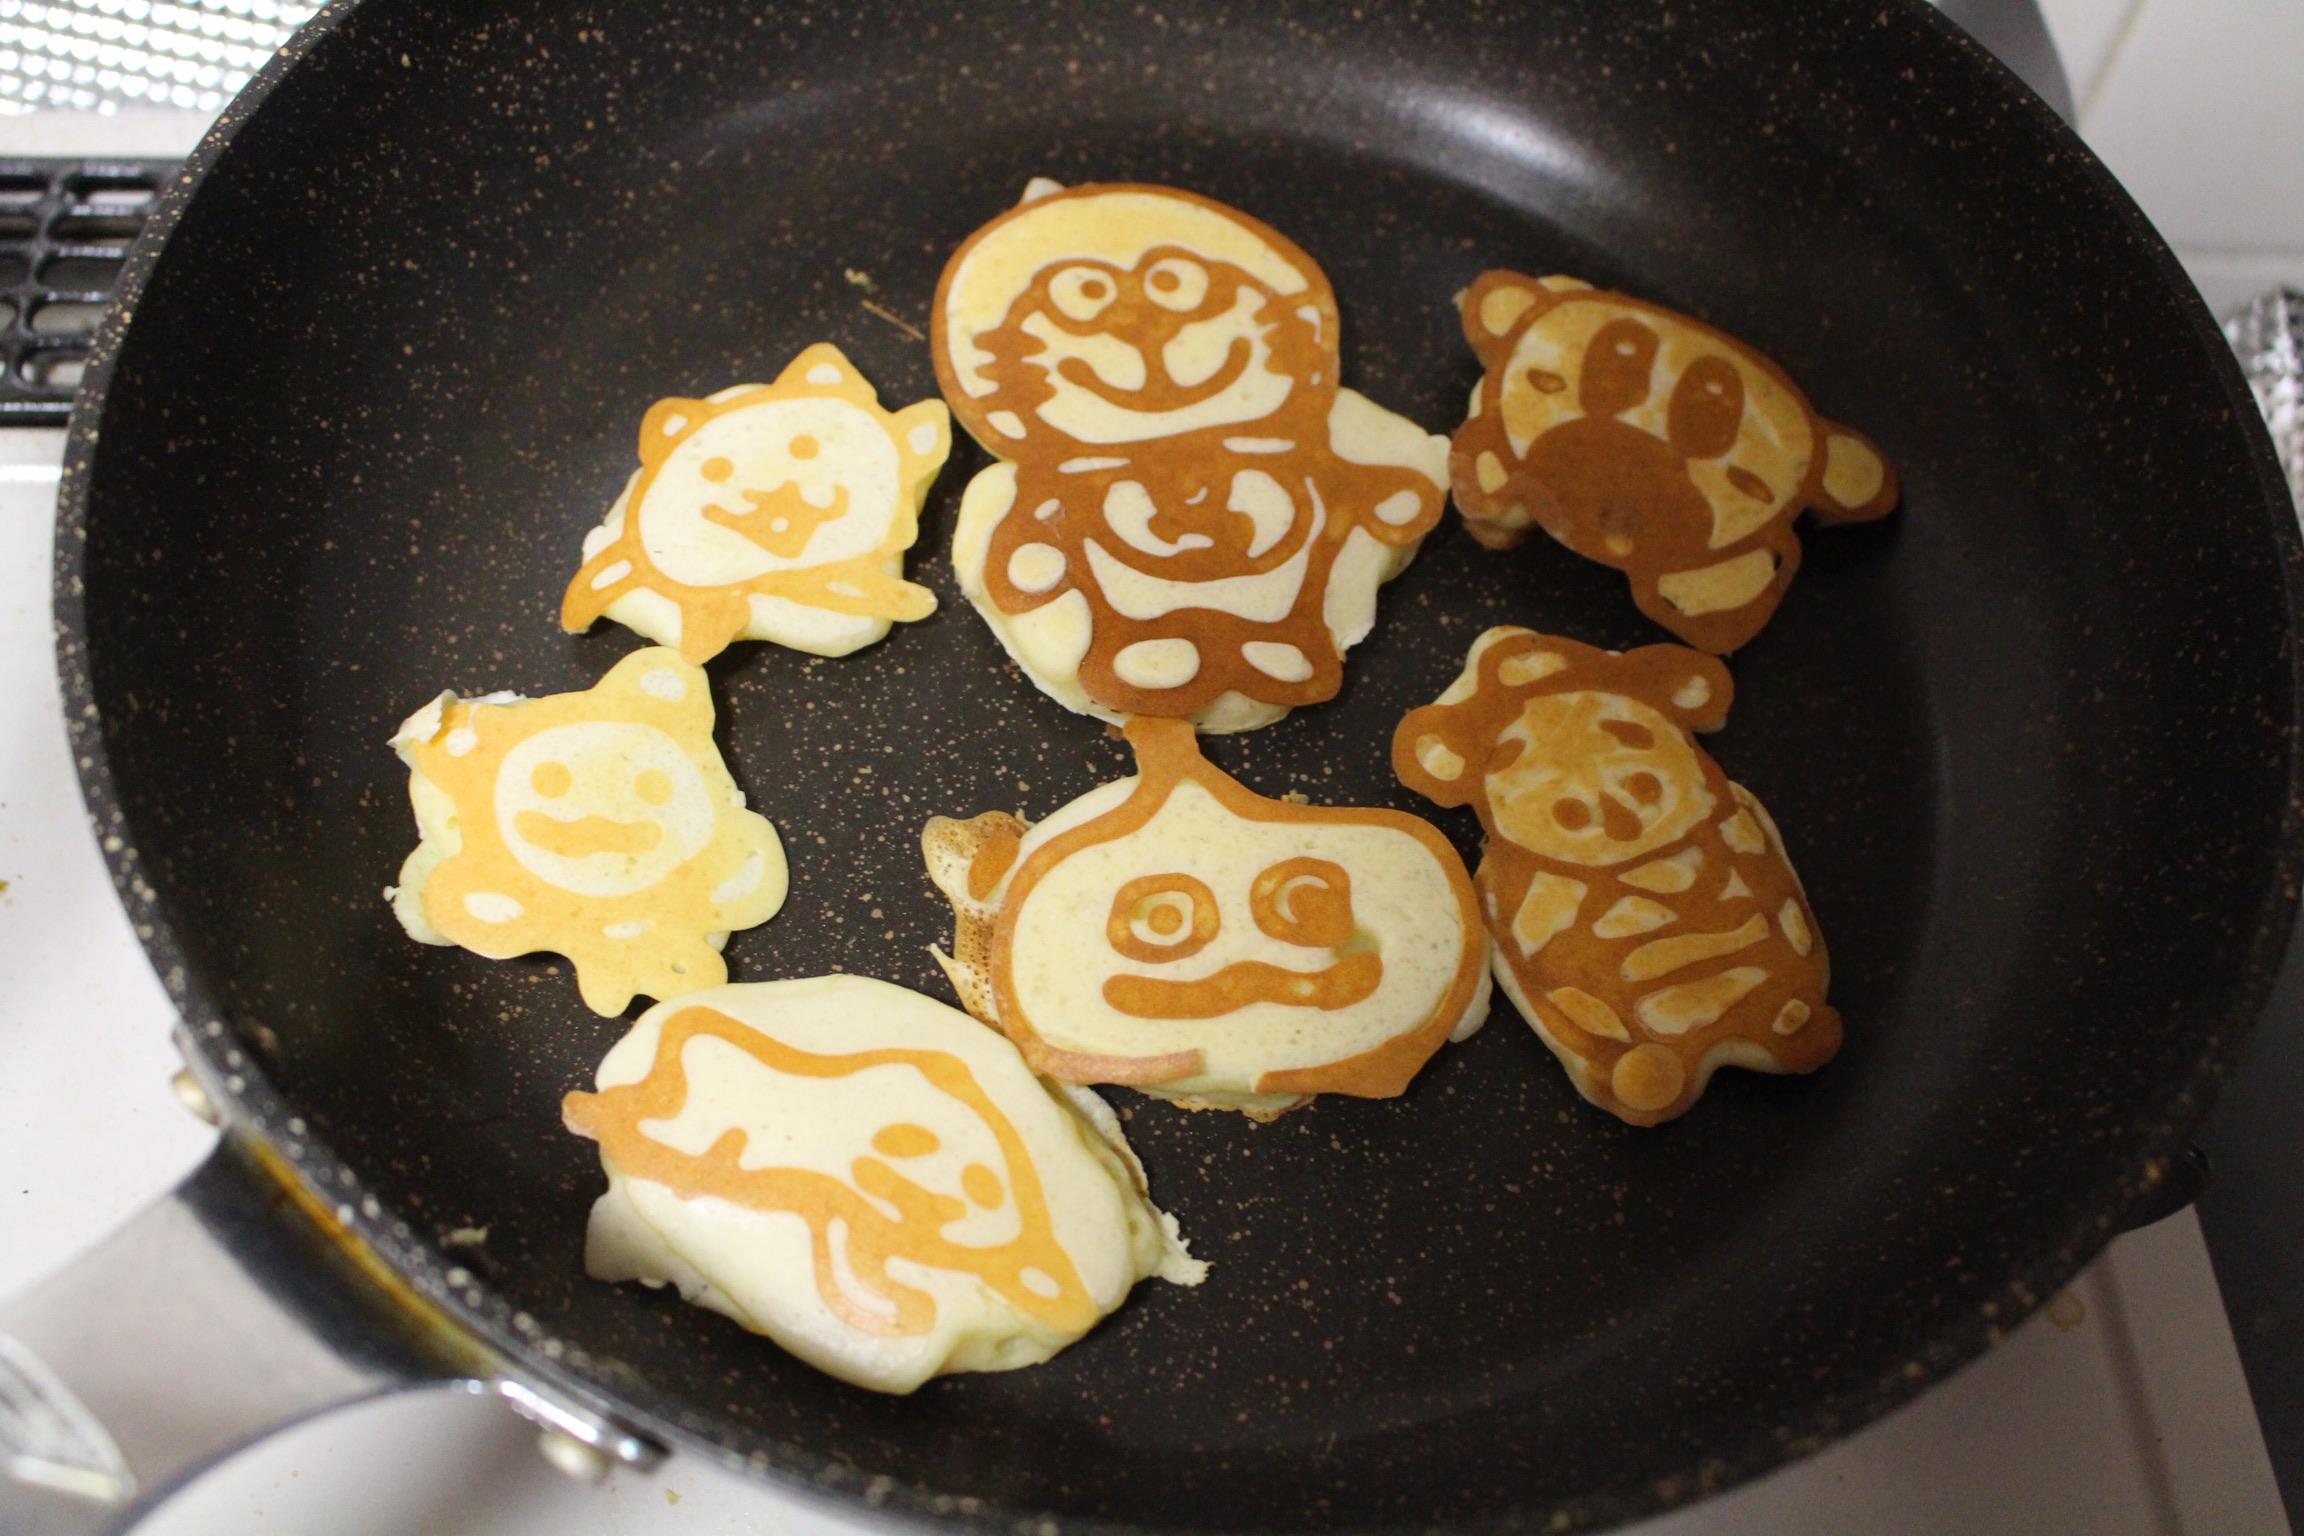 パンケーキアート2